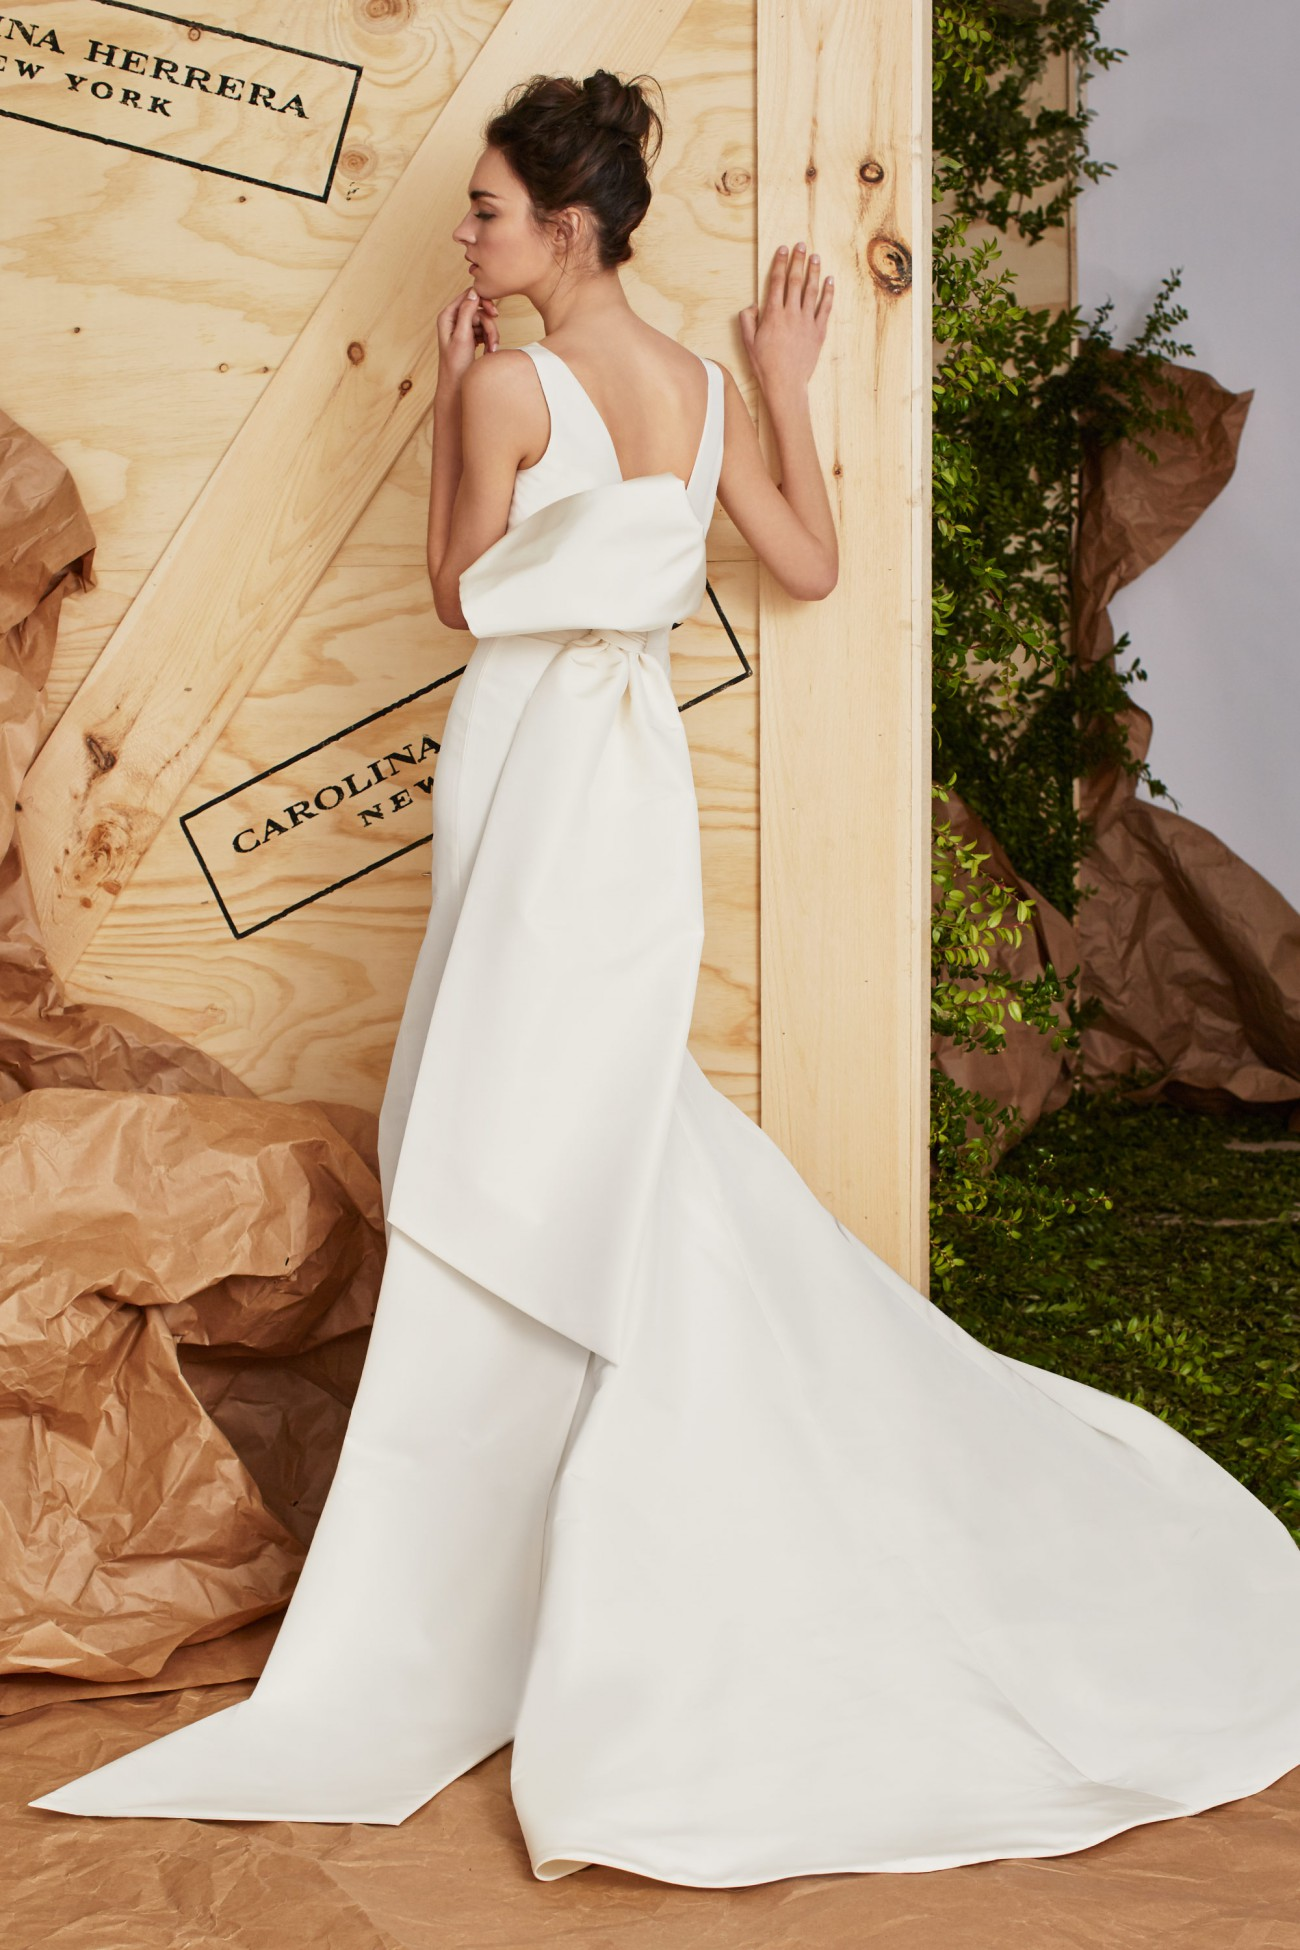 largo vestido de satén en blanco, últimas tendencias en los vestidos de novia en estilo boho chic